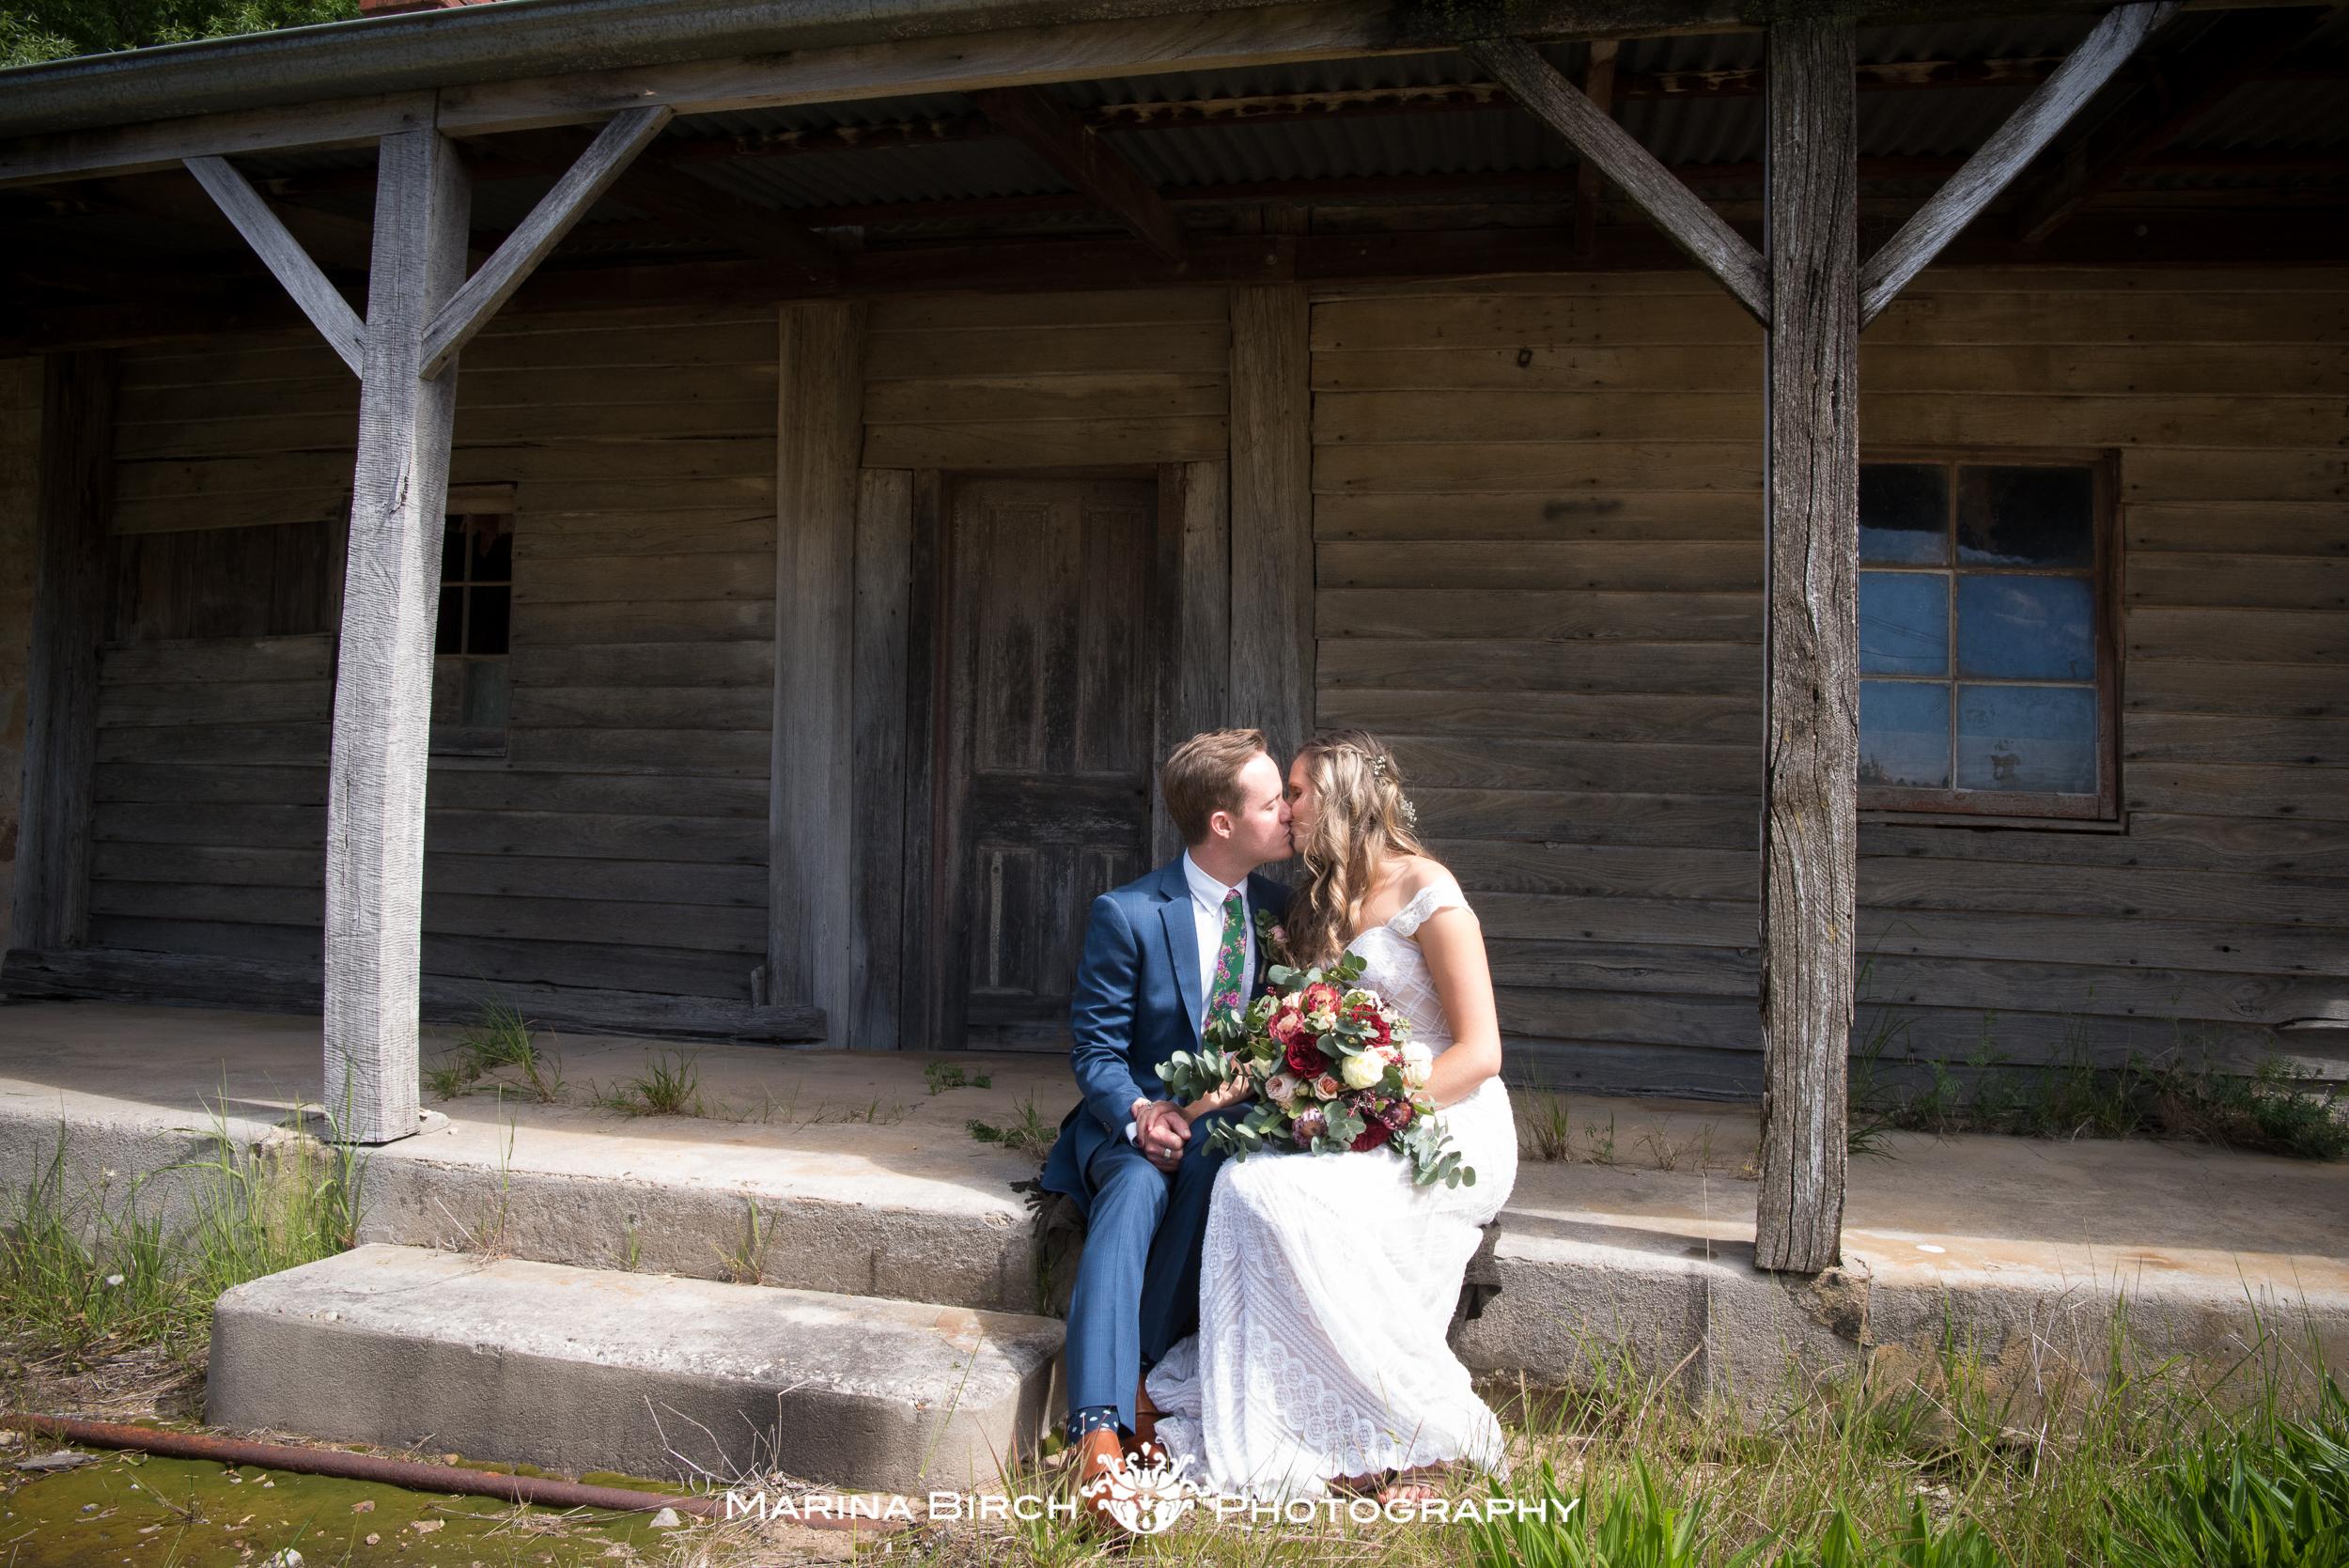 MBP.wedding -17.jpg